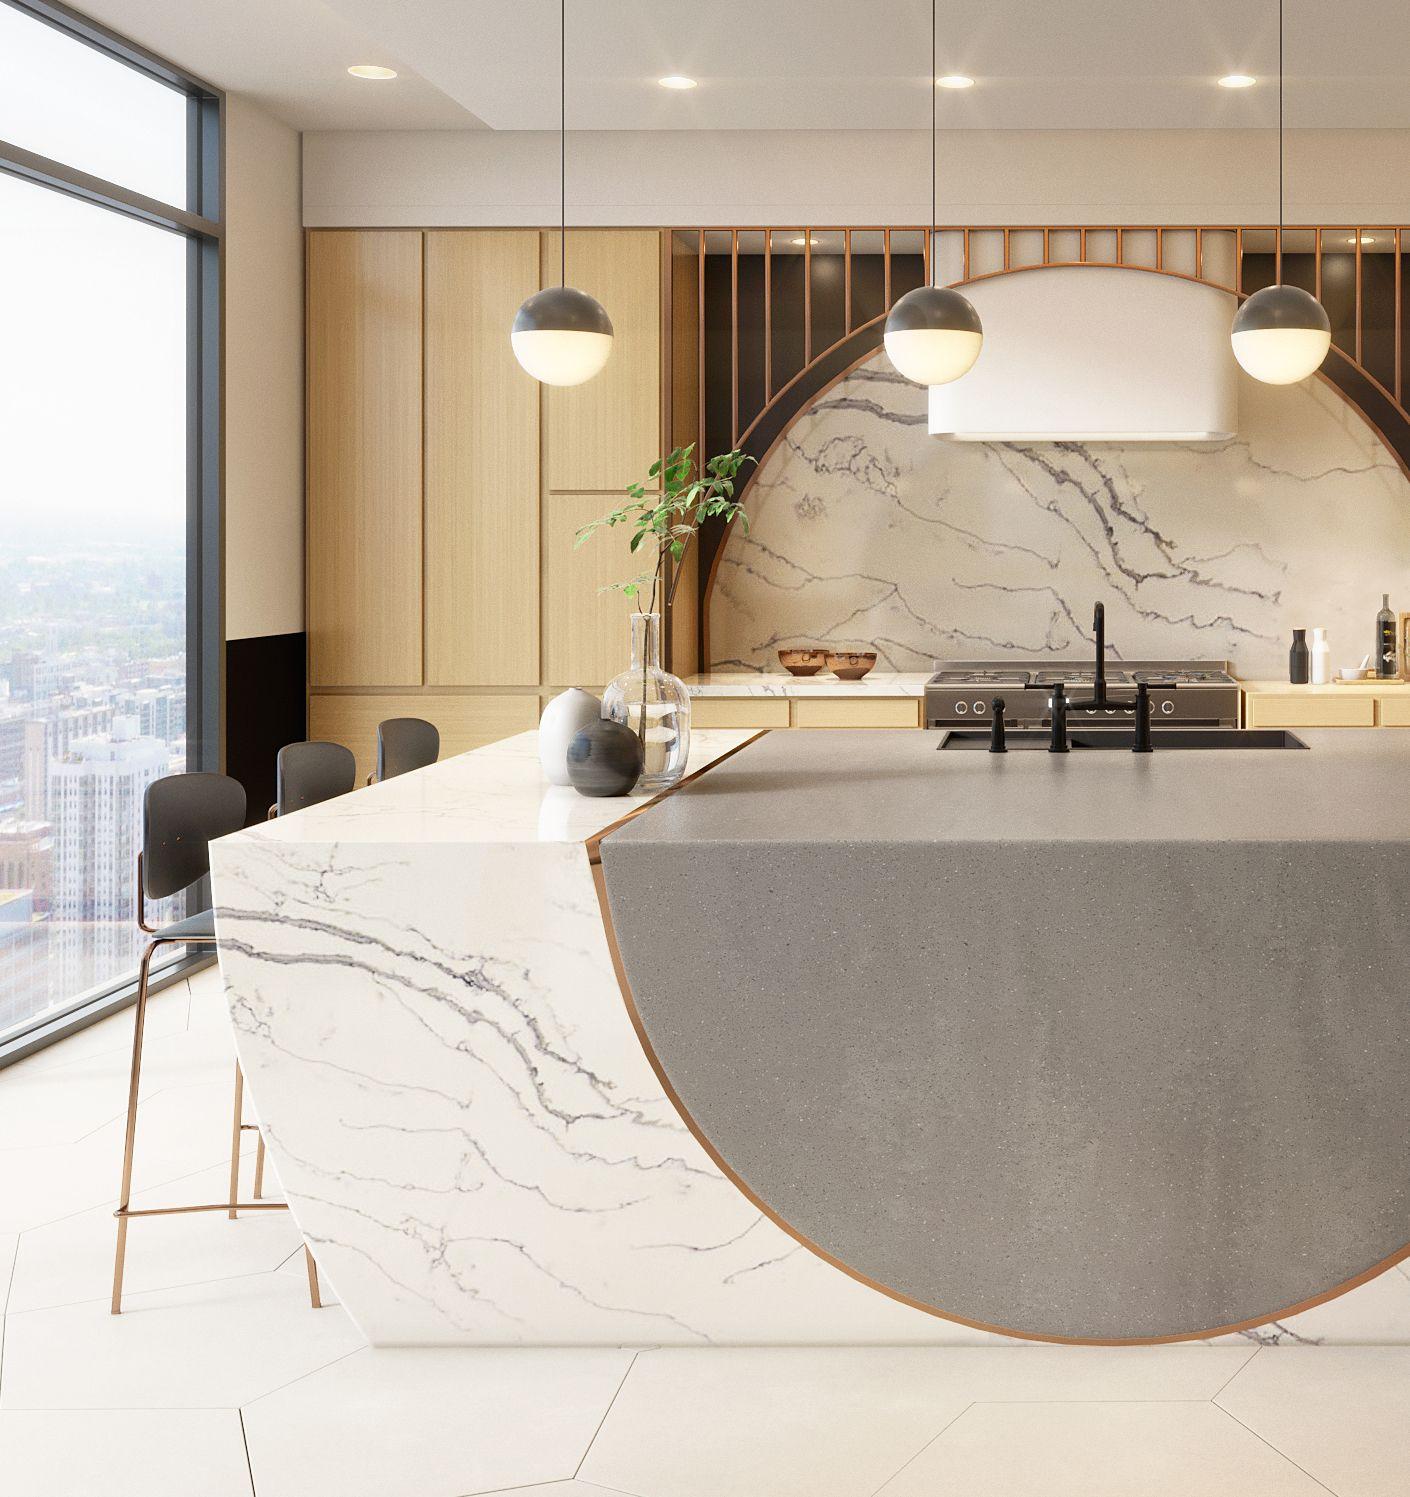 Designing A Dream Kitchen With Corian Design Bobby Berk Solid